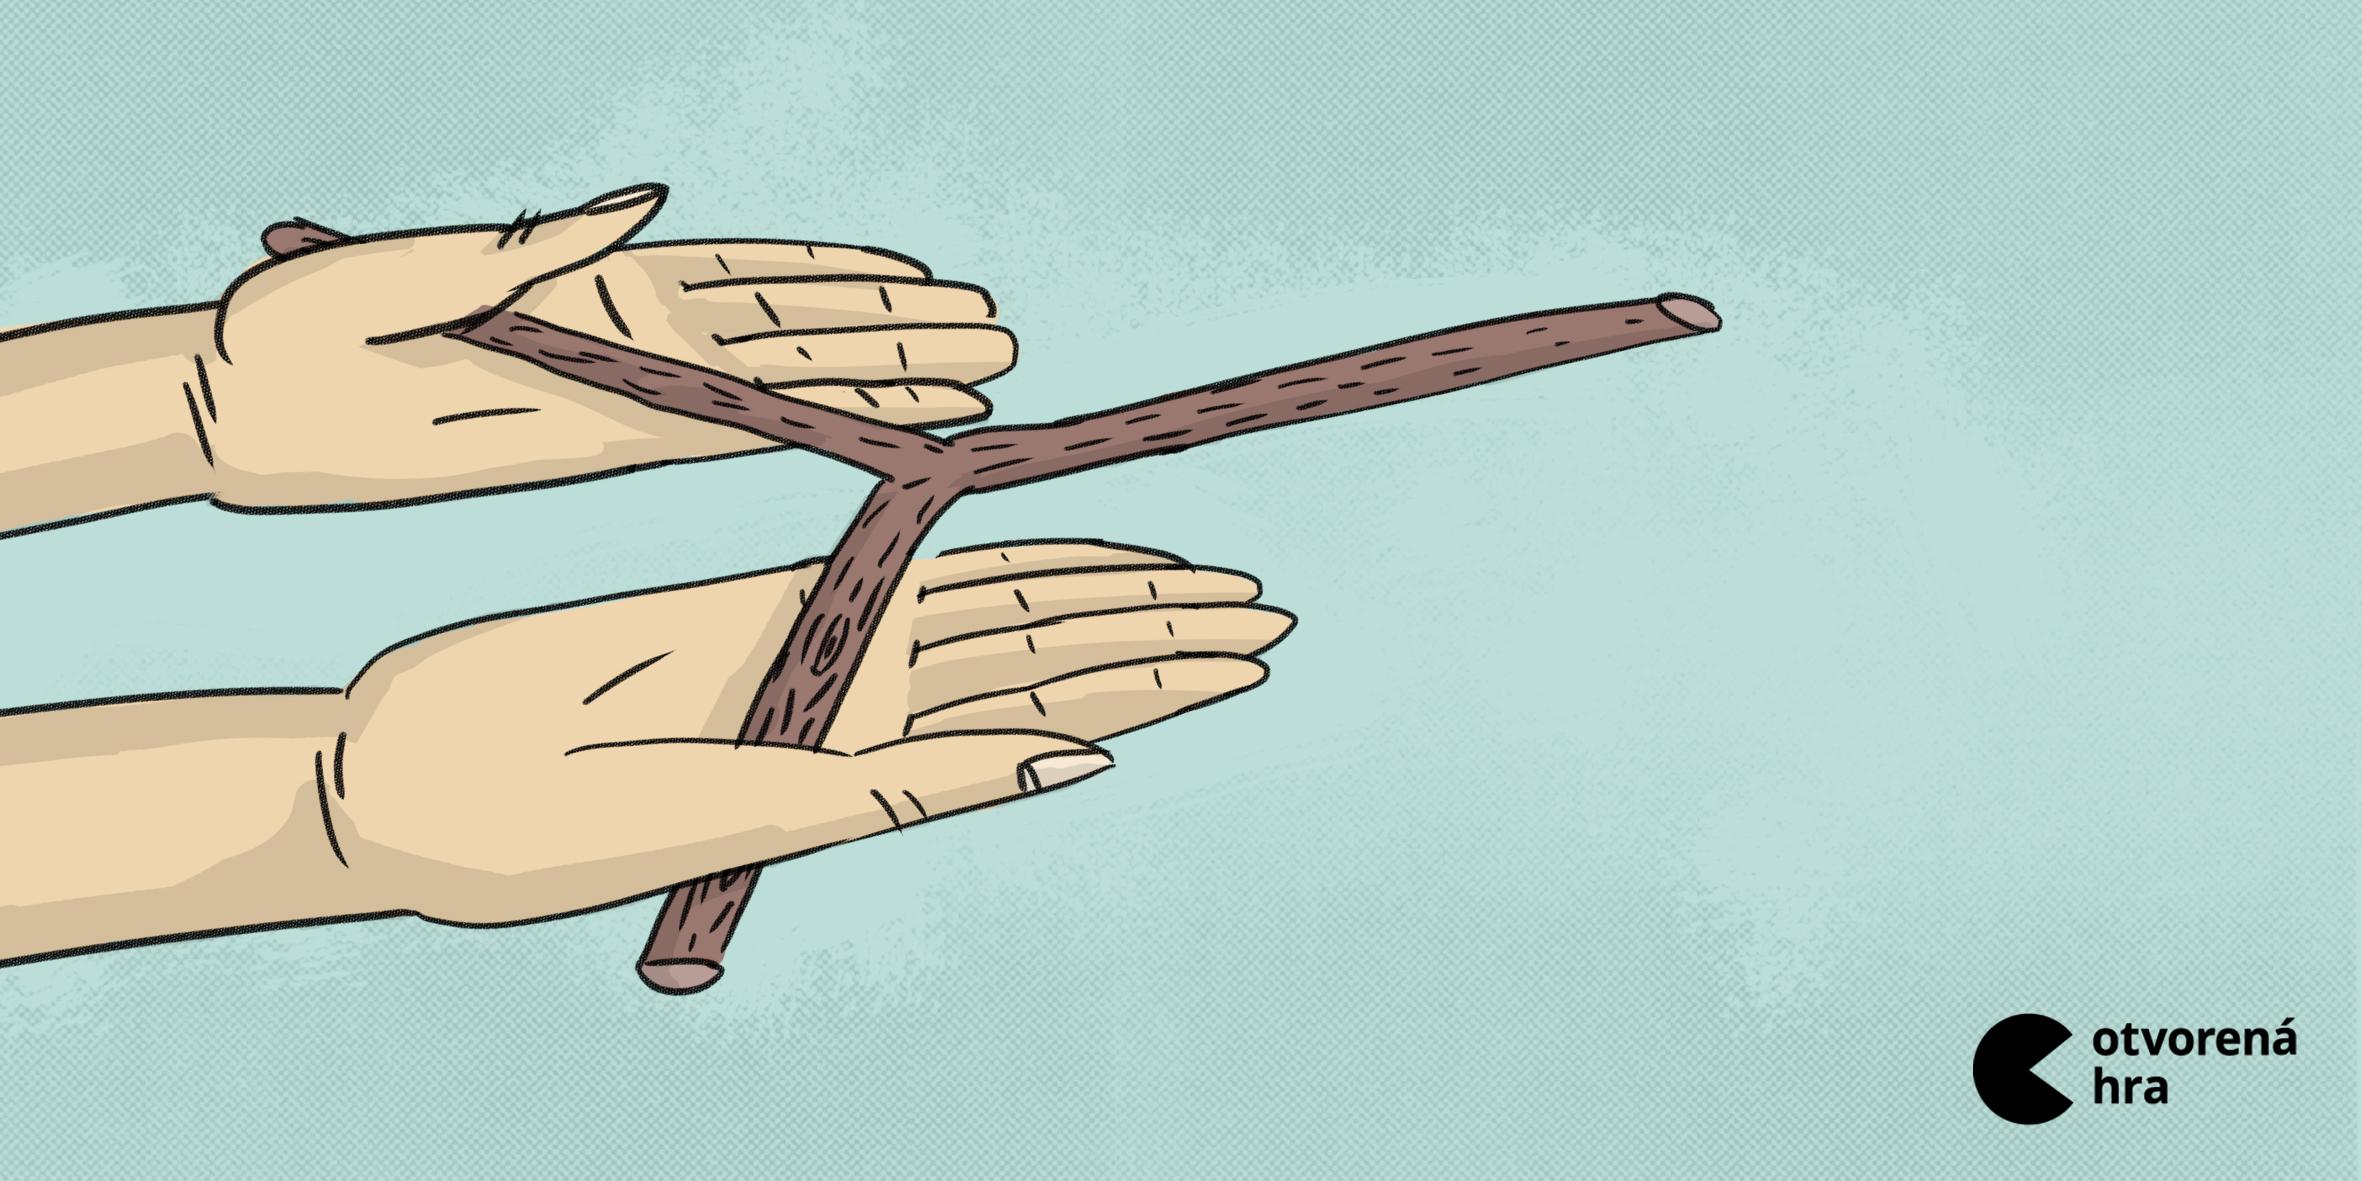 Zatrénujte si detekciu manipulácie a môžete získať zaujímavé odmeny